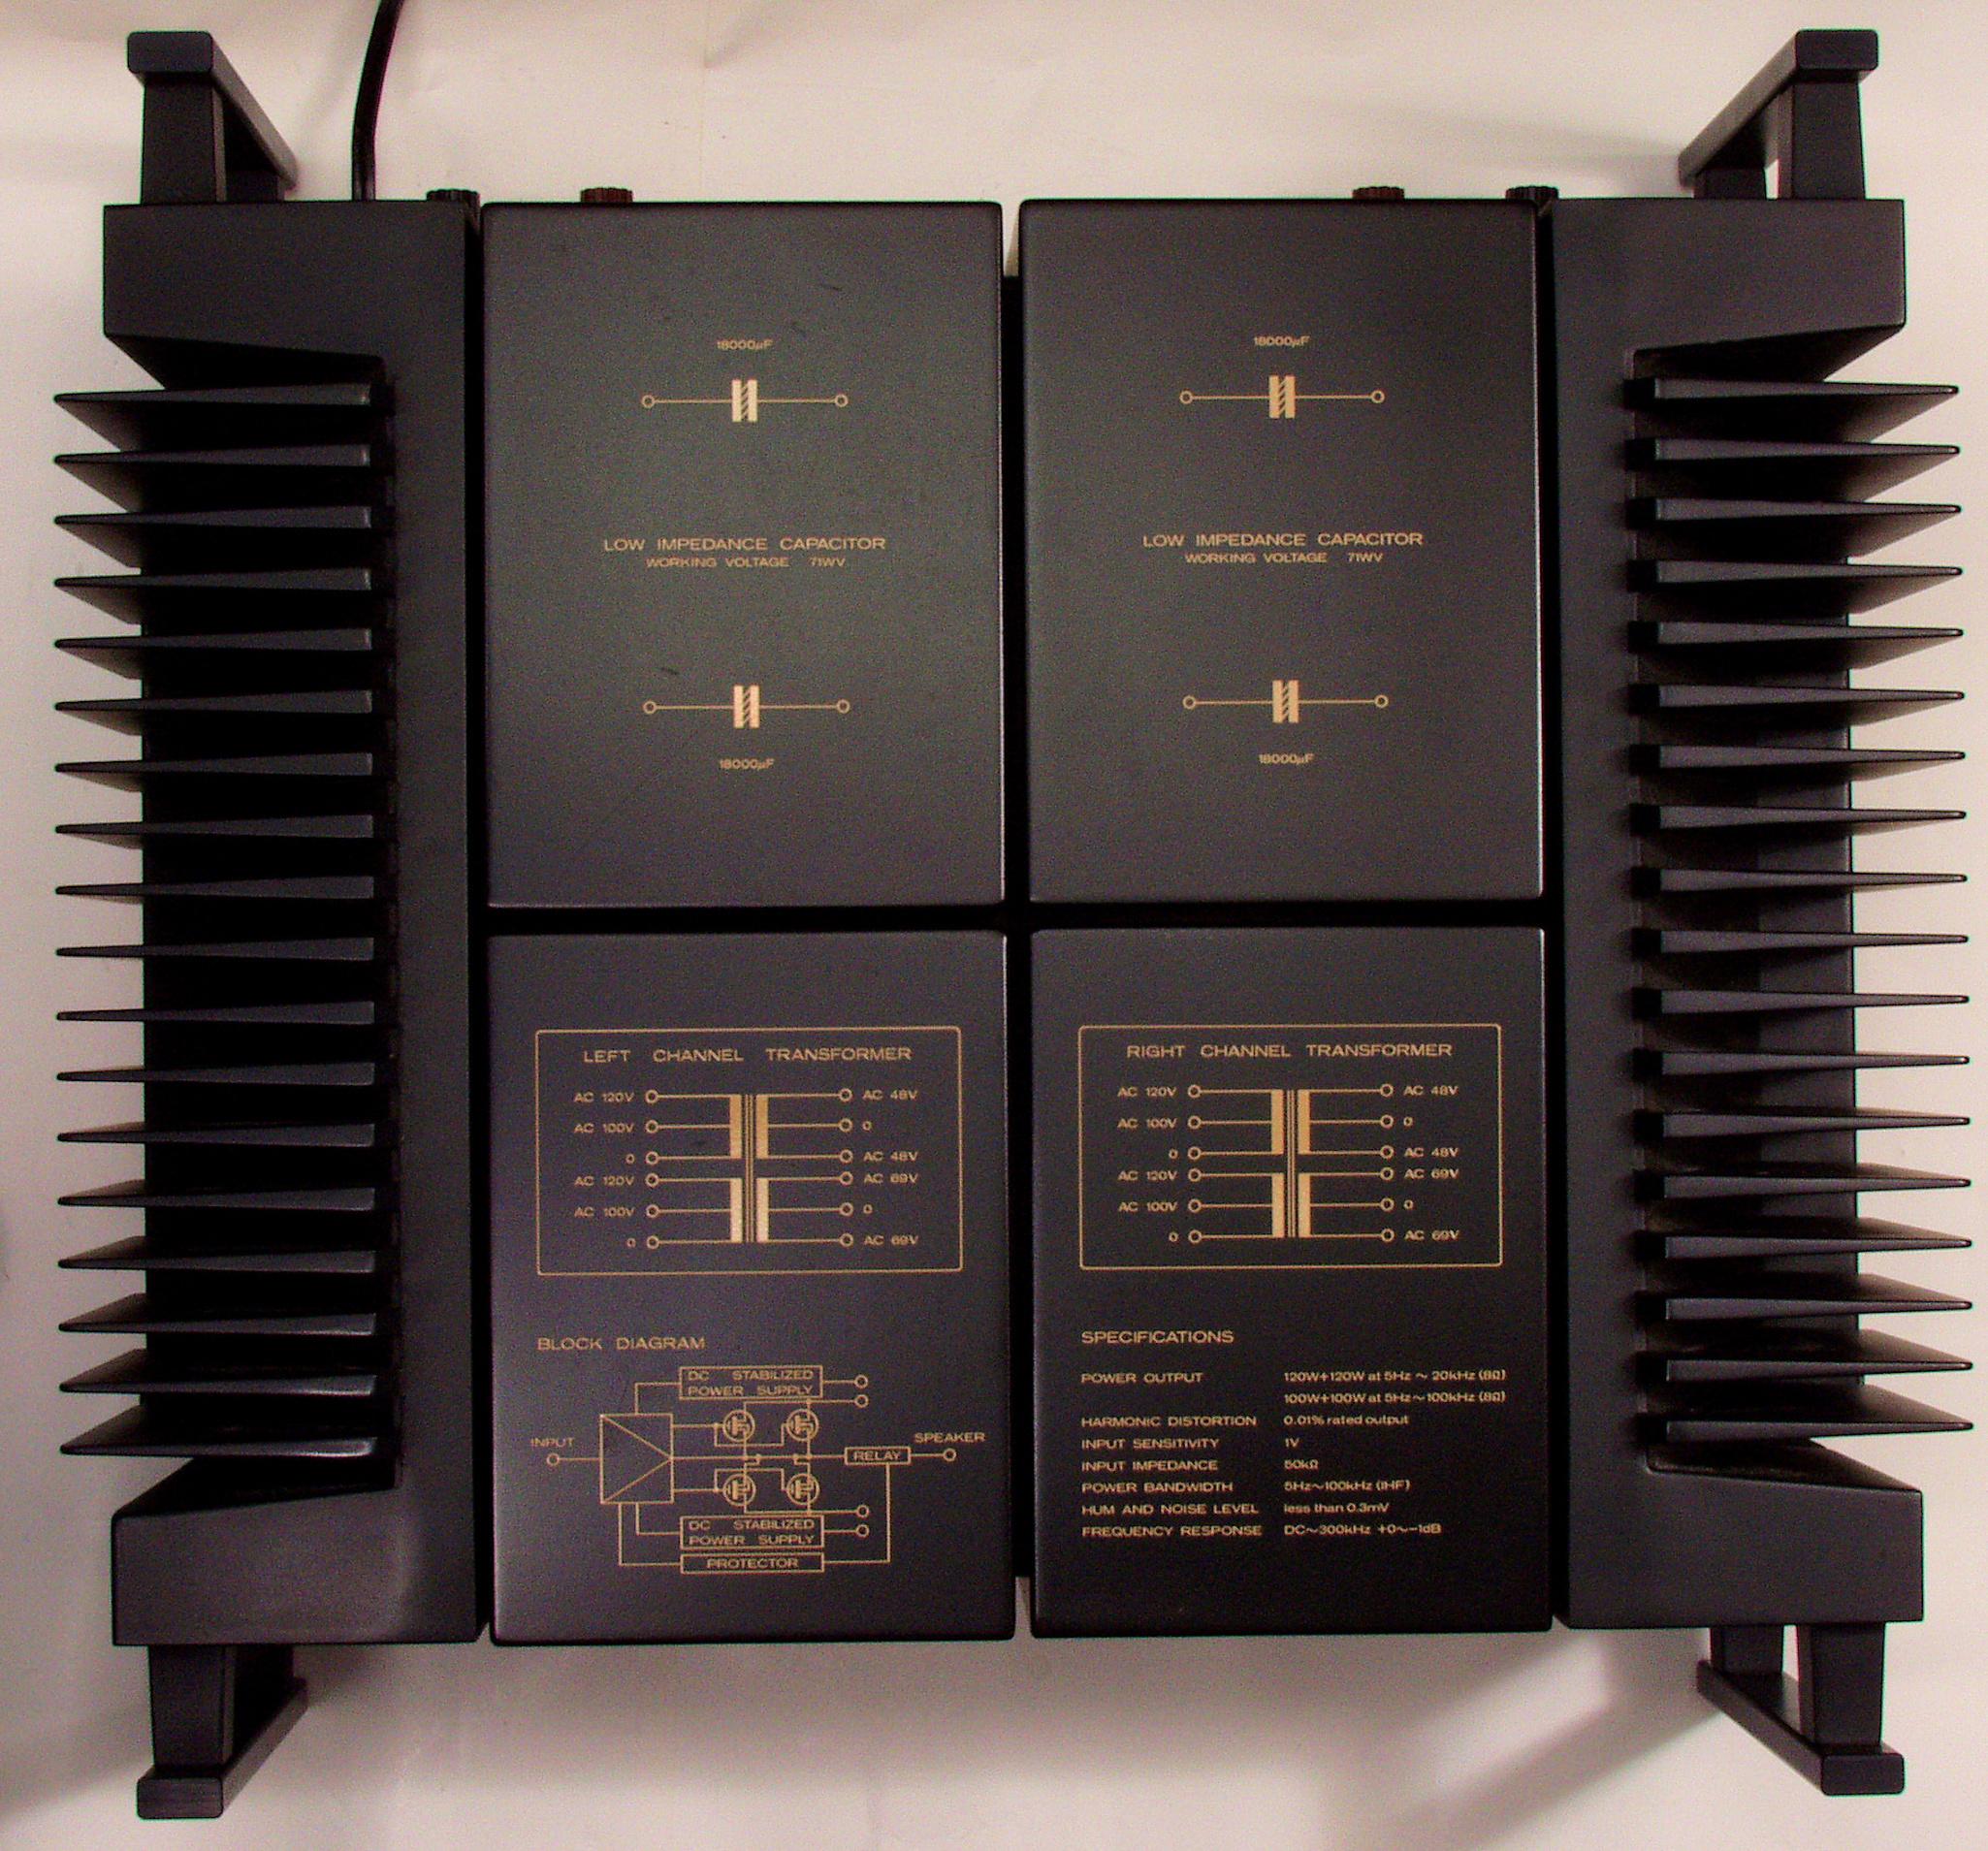 Armas de Arremesso 9500m-s7